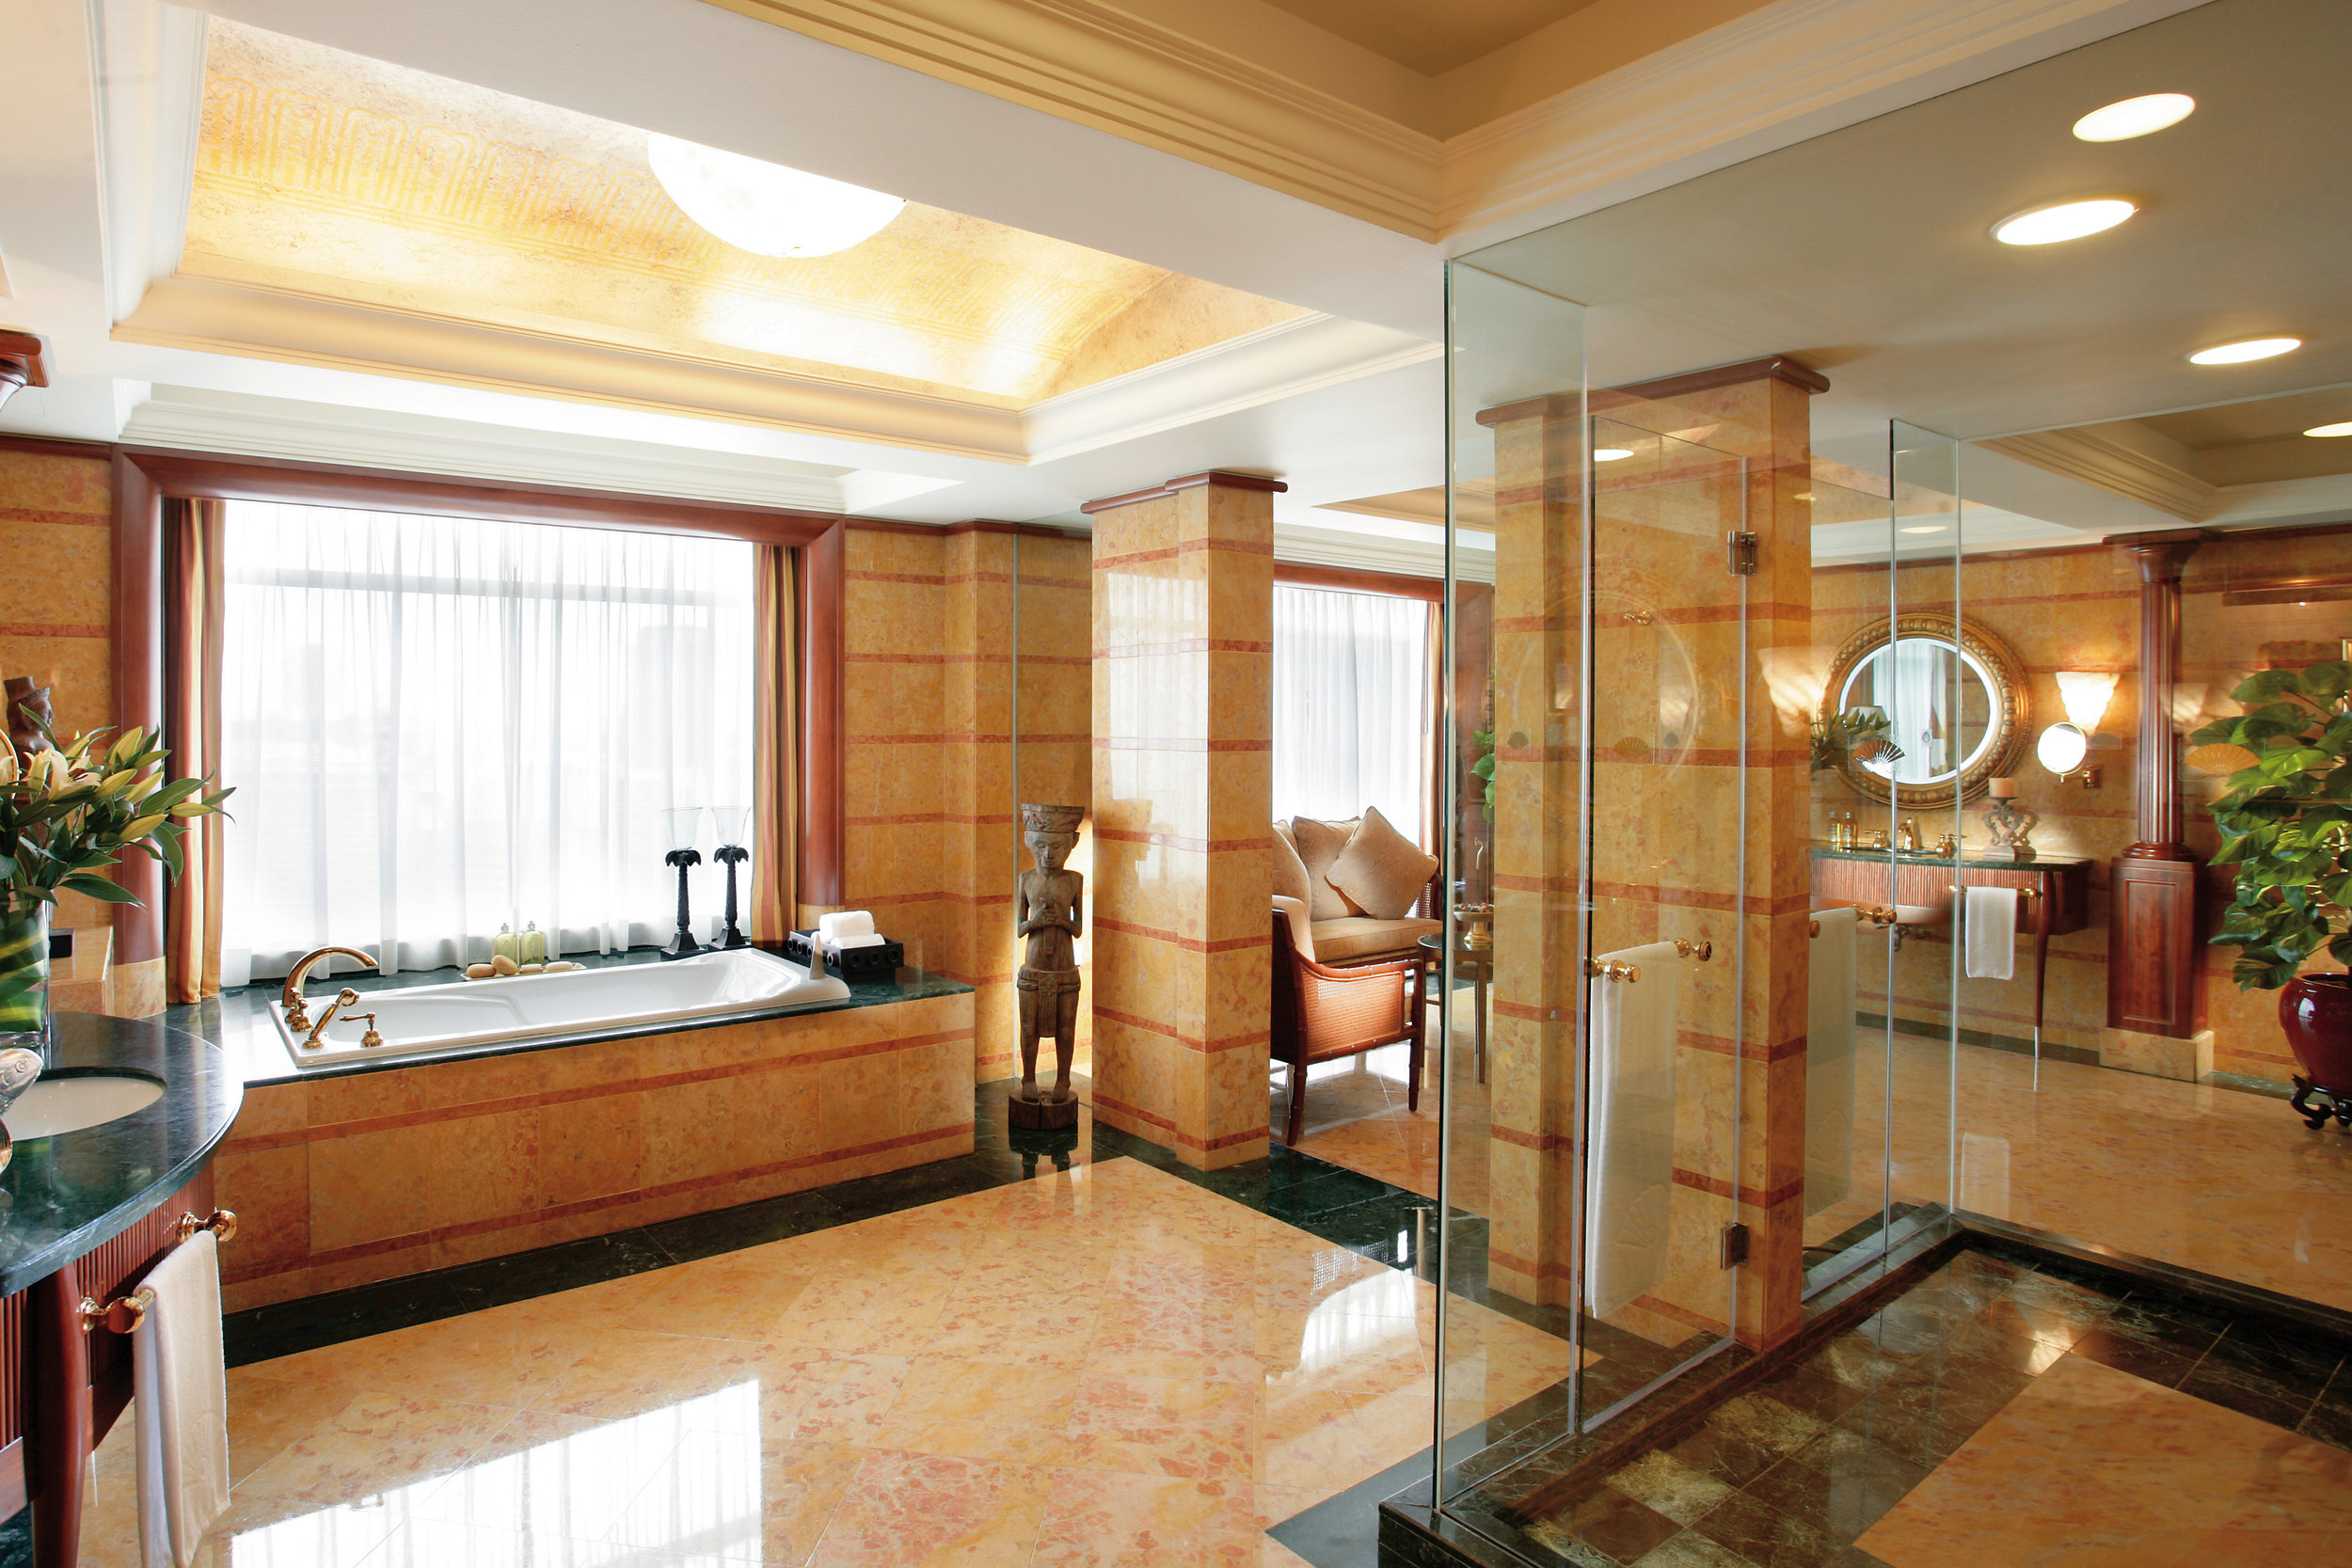 kuala-lumpur-suite-presidential-suite-bathroom-1.jpg